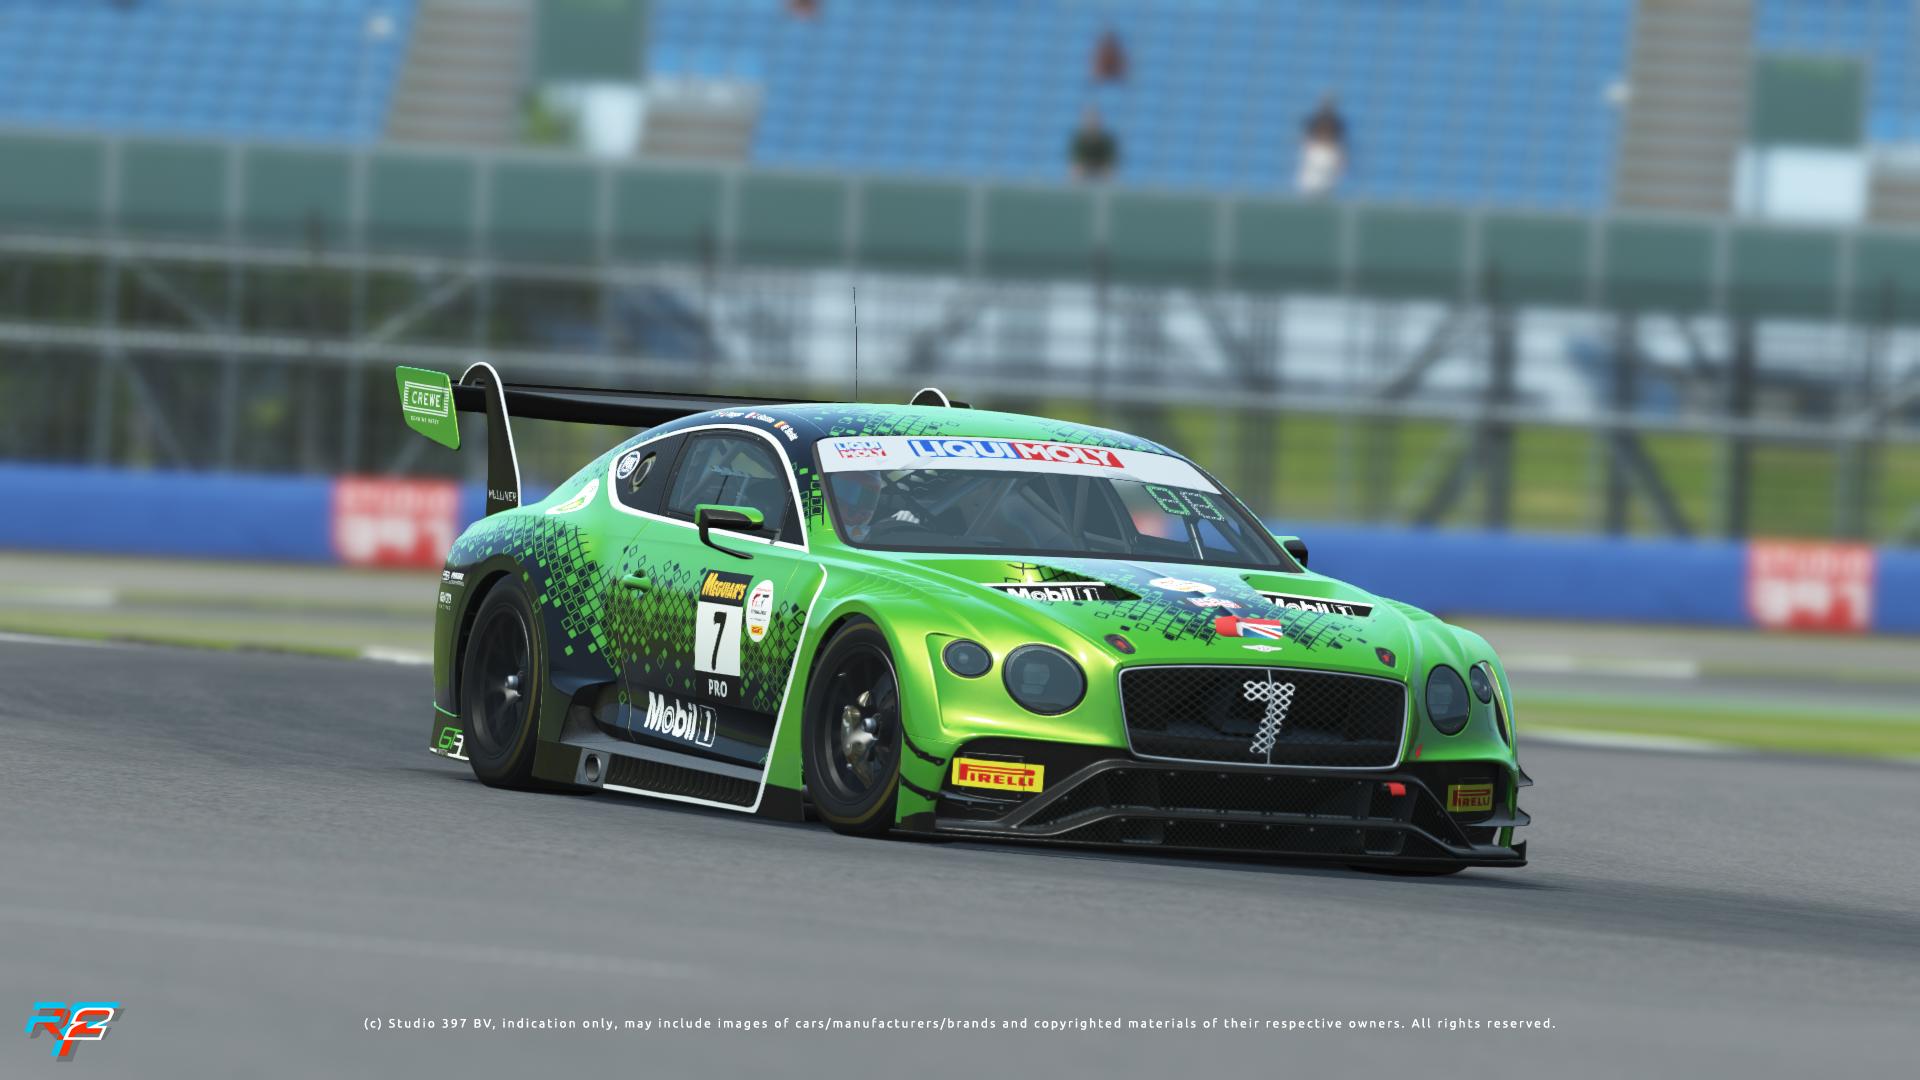 Bentley_Continental_GT3_2020_01.jpg